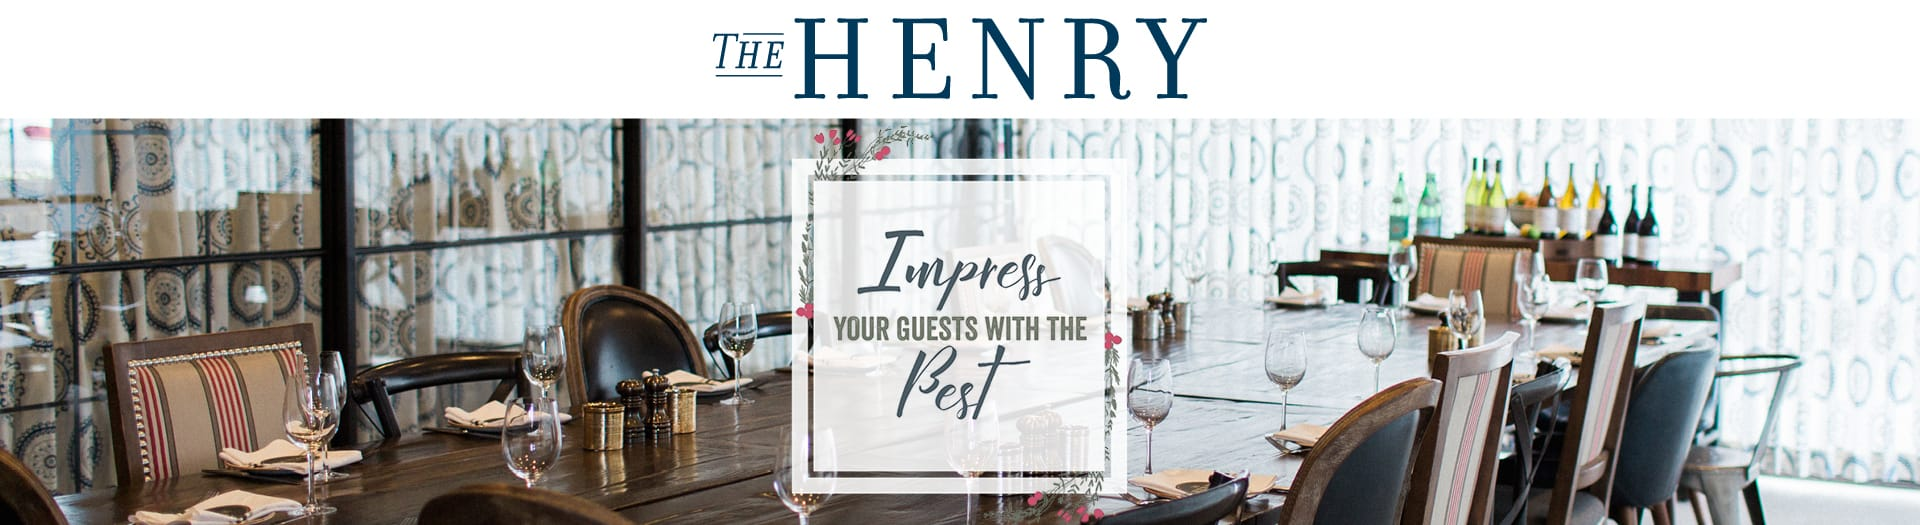 The Henry – Phoenix - Phoenix, AZ